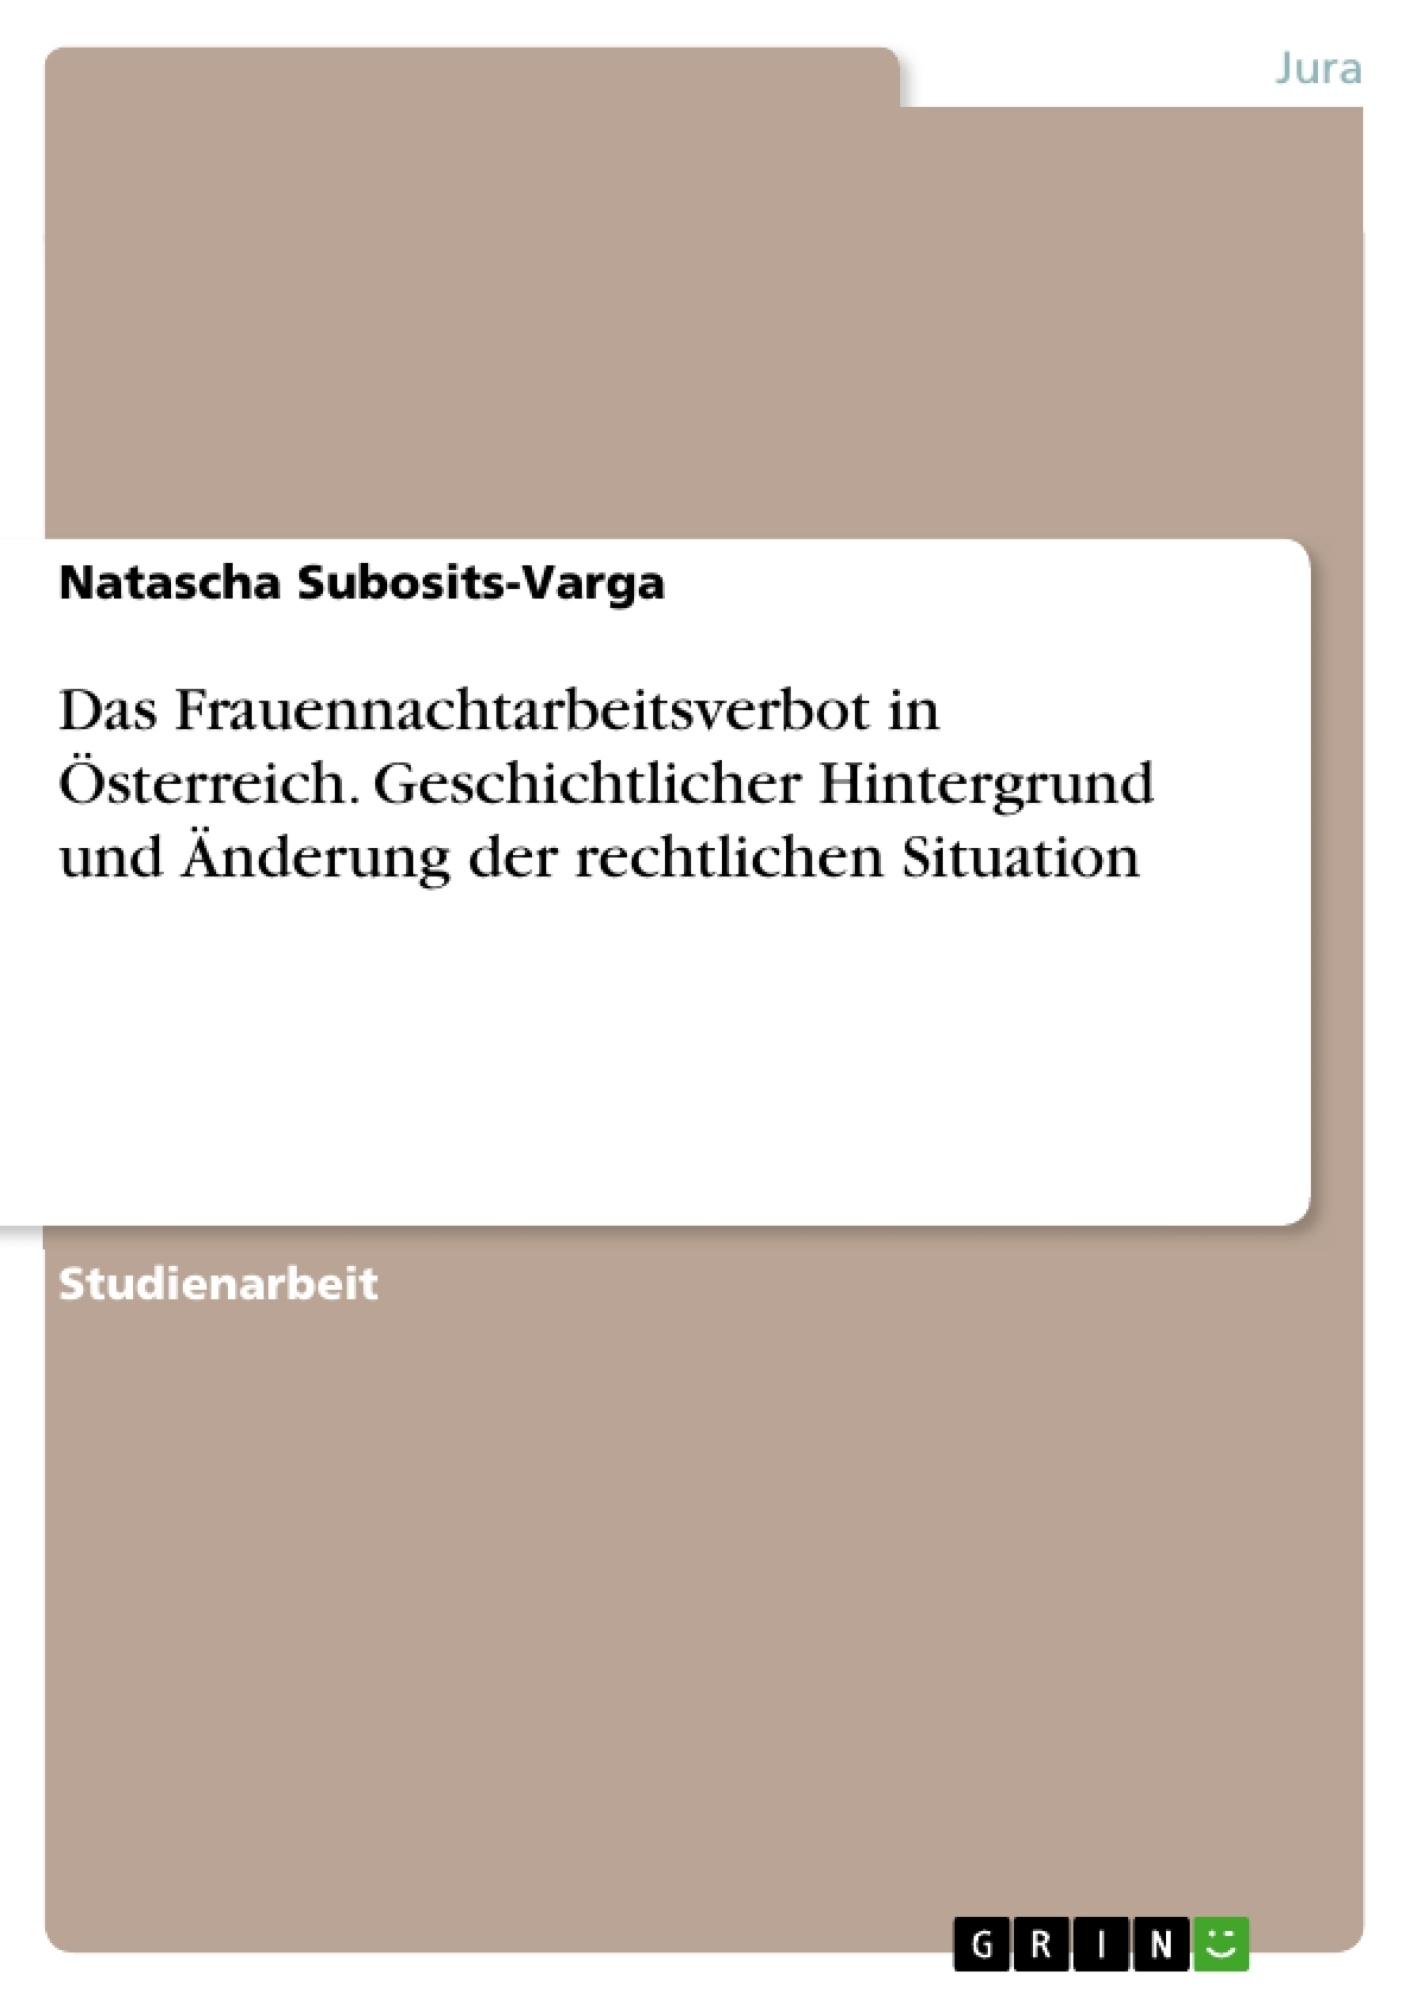 Titel: Das Frauennachtarbeitsverbot in Österreich. Geschichtlicher Hintergrund und Änderung der rechtlichen Situation